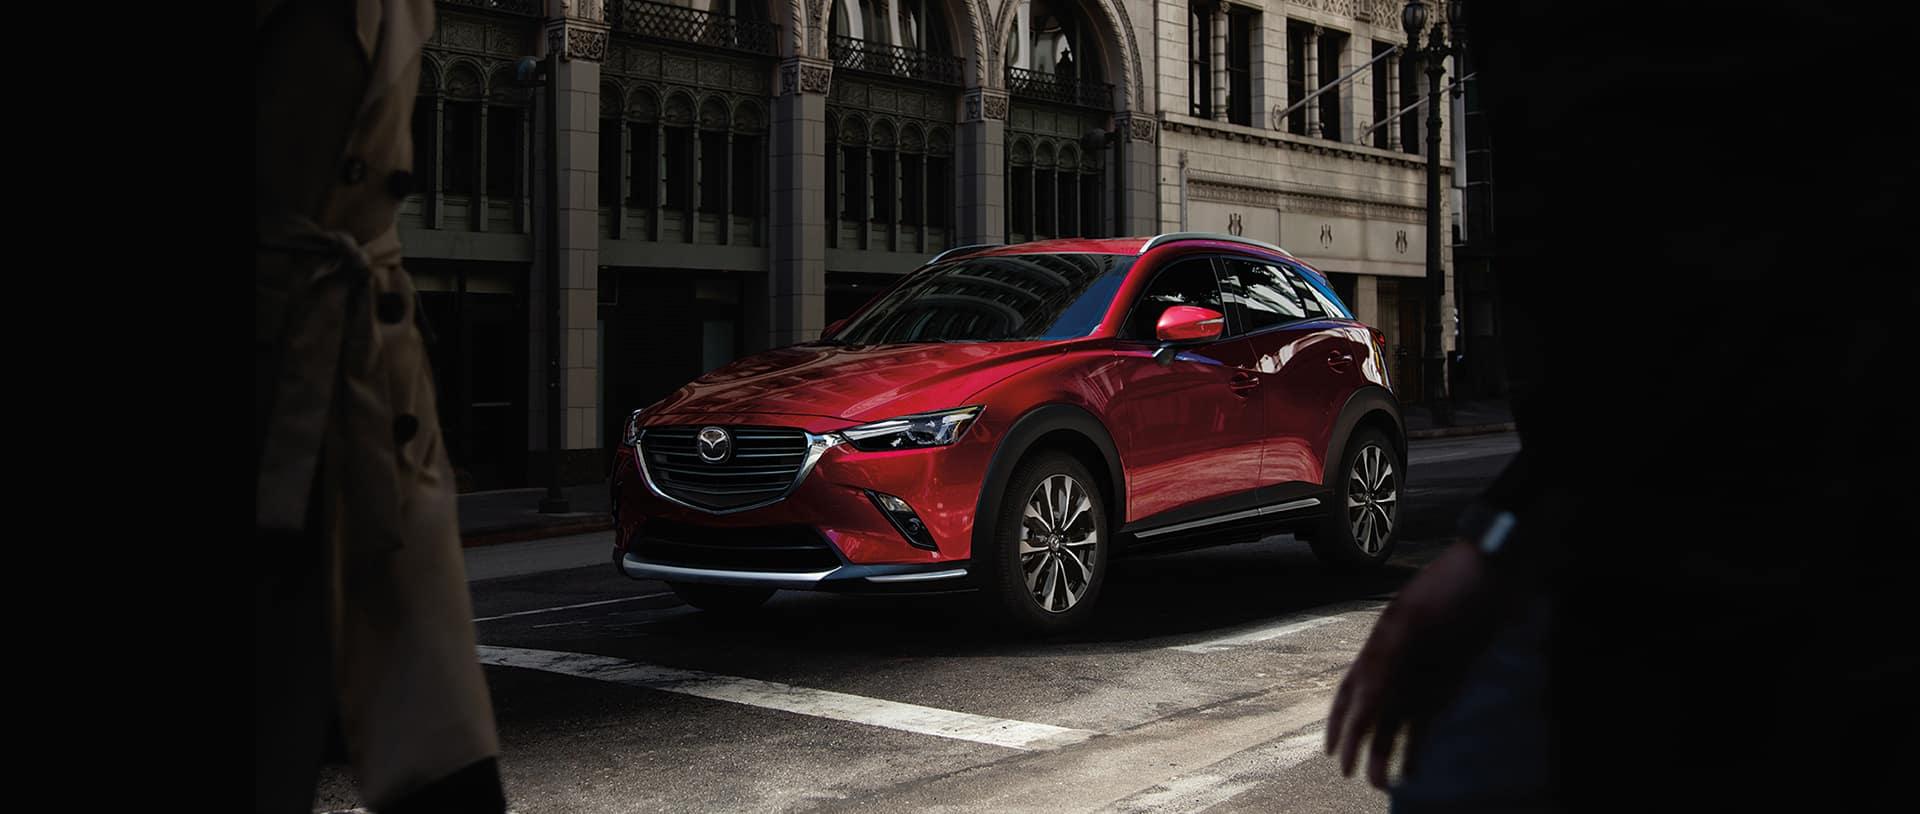 2020 Mazda CX-3 in Red